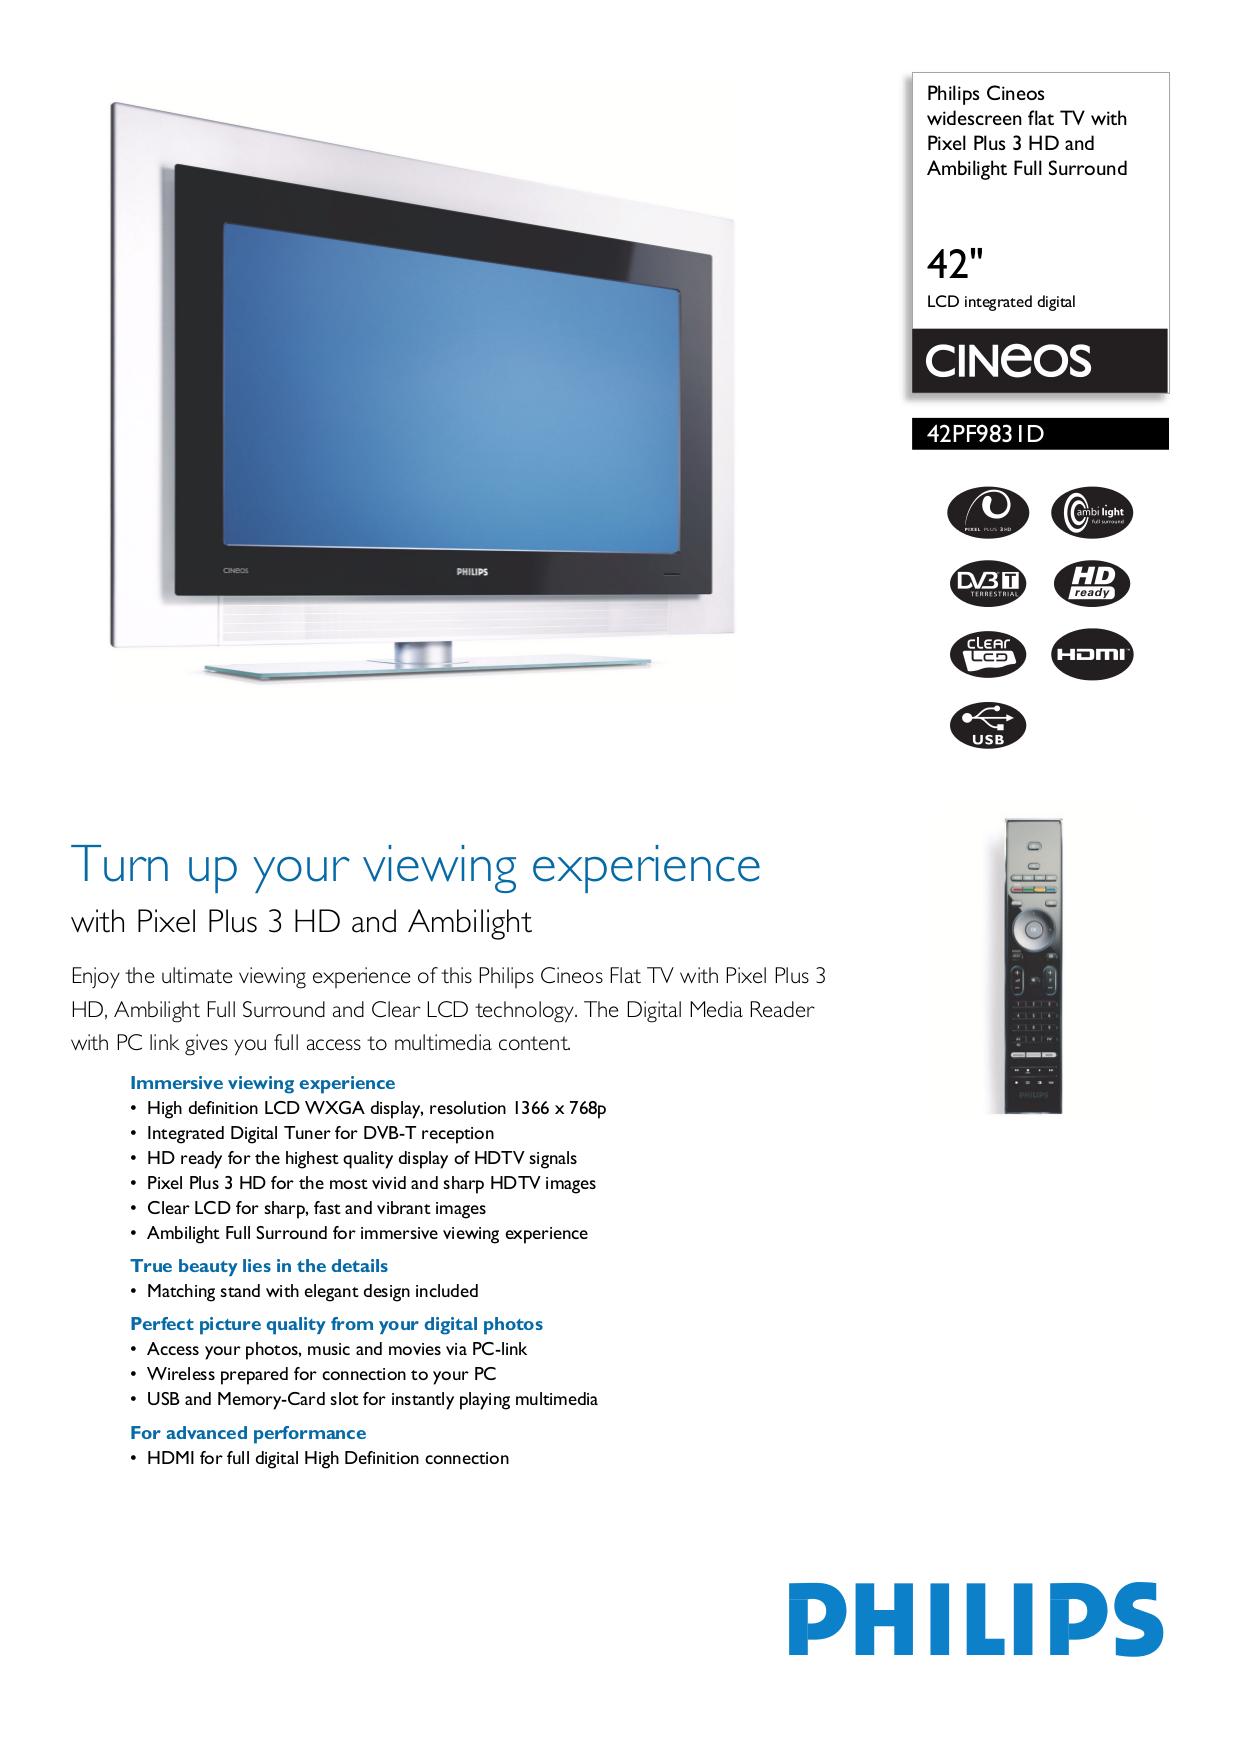 vivid tv manual user guide manual that easy to read u2022 rh sibere co Owner's Manual Operators Manual